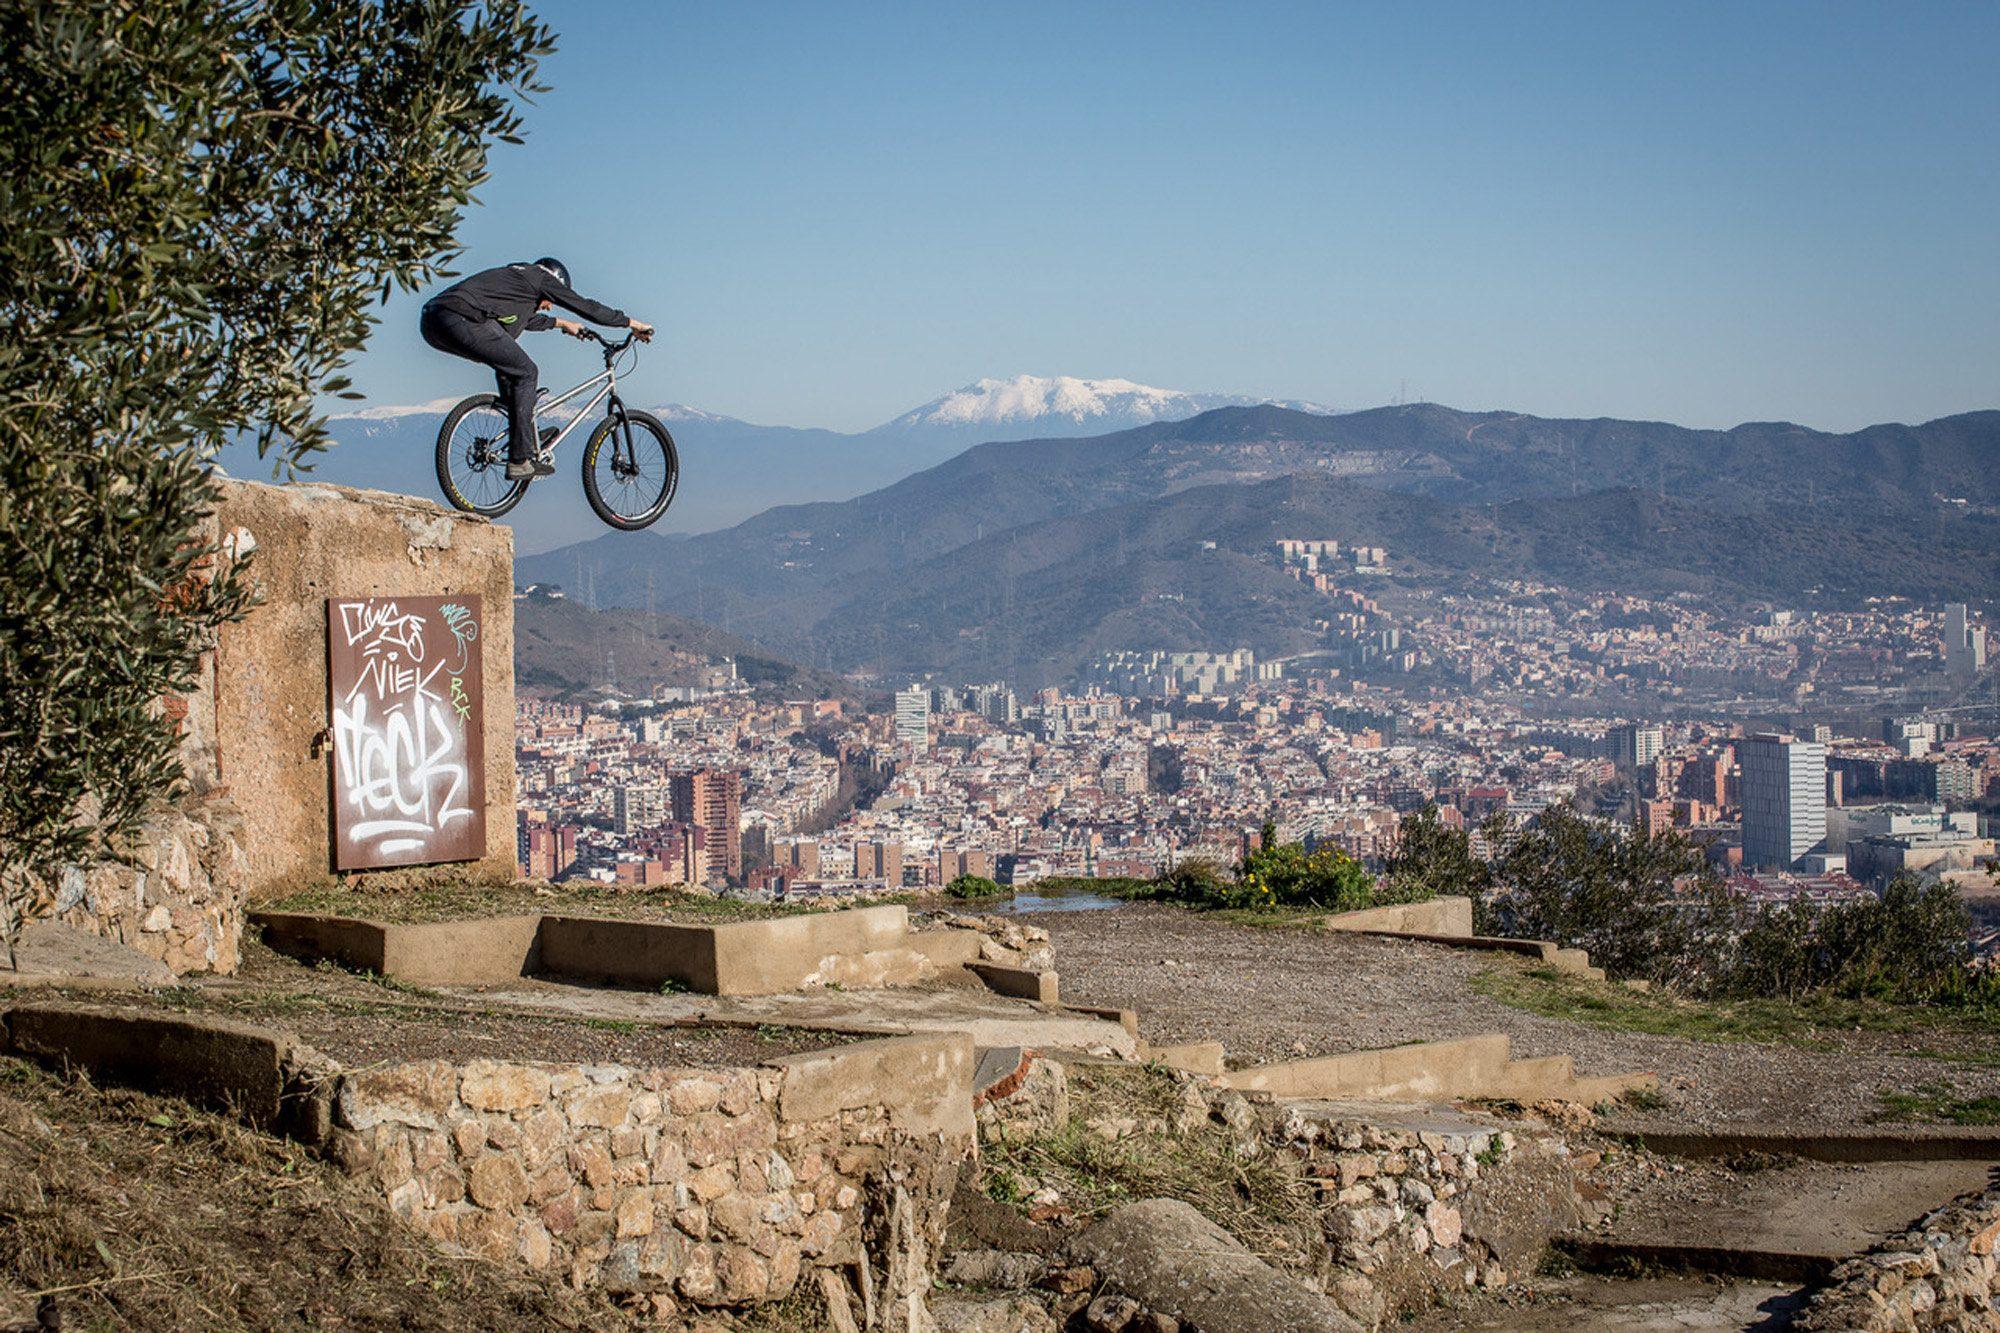 Dominik Raab springt von einer Mauer runter und im Hintergrund sieht man Barcelona und Berge